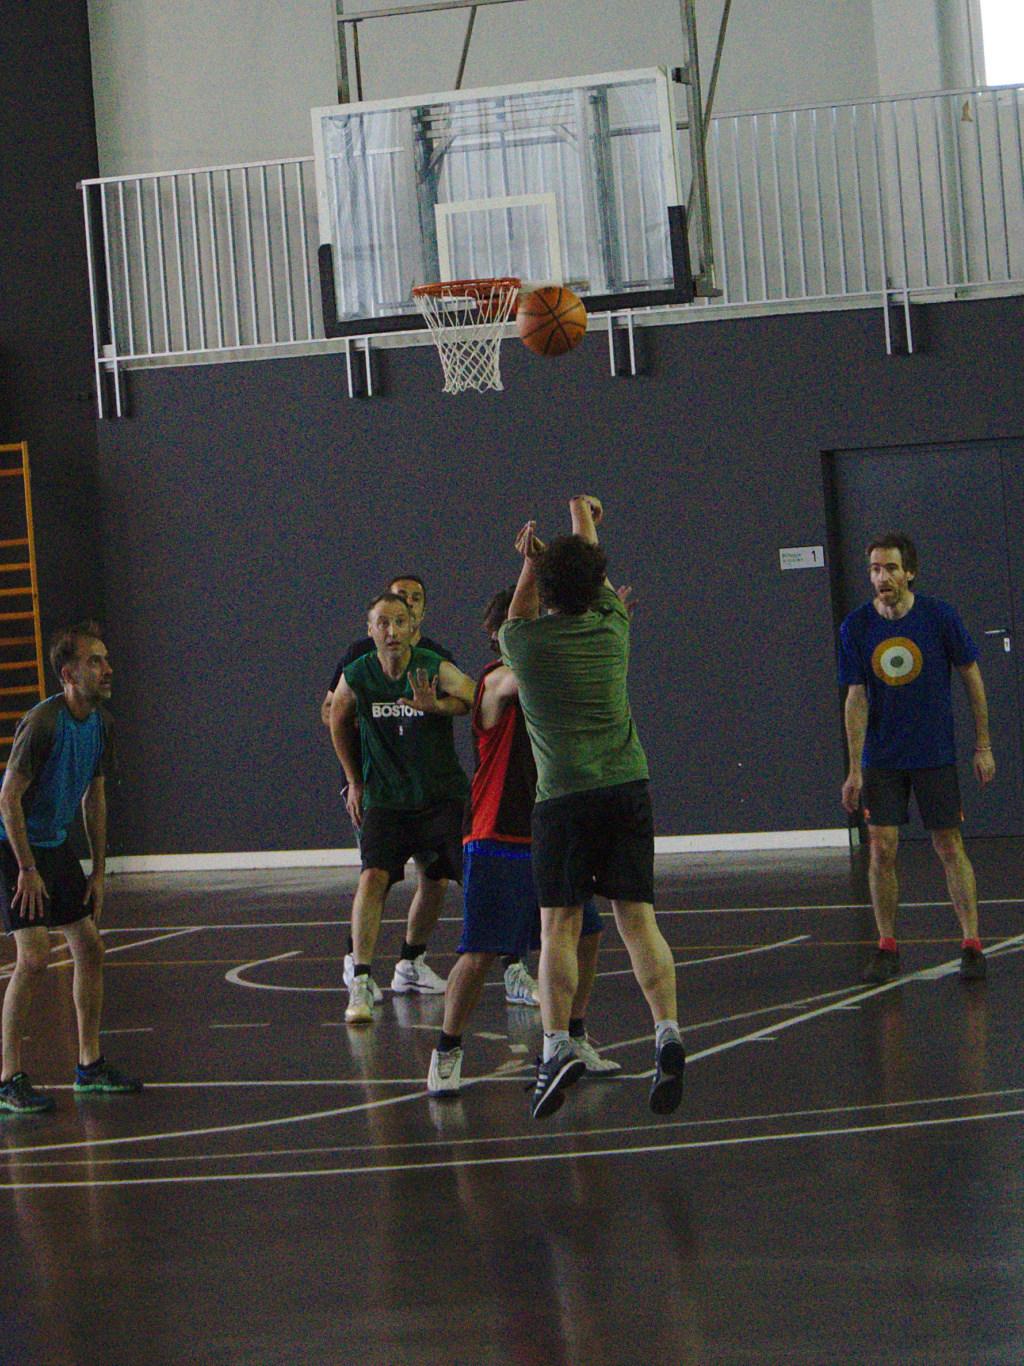 Pachanga De Basket ARF ¡ OTRO AÑO MAS ROCKET CAMPEÓN! - Página 11 Dsc02010